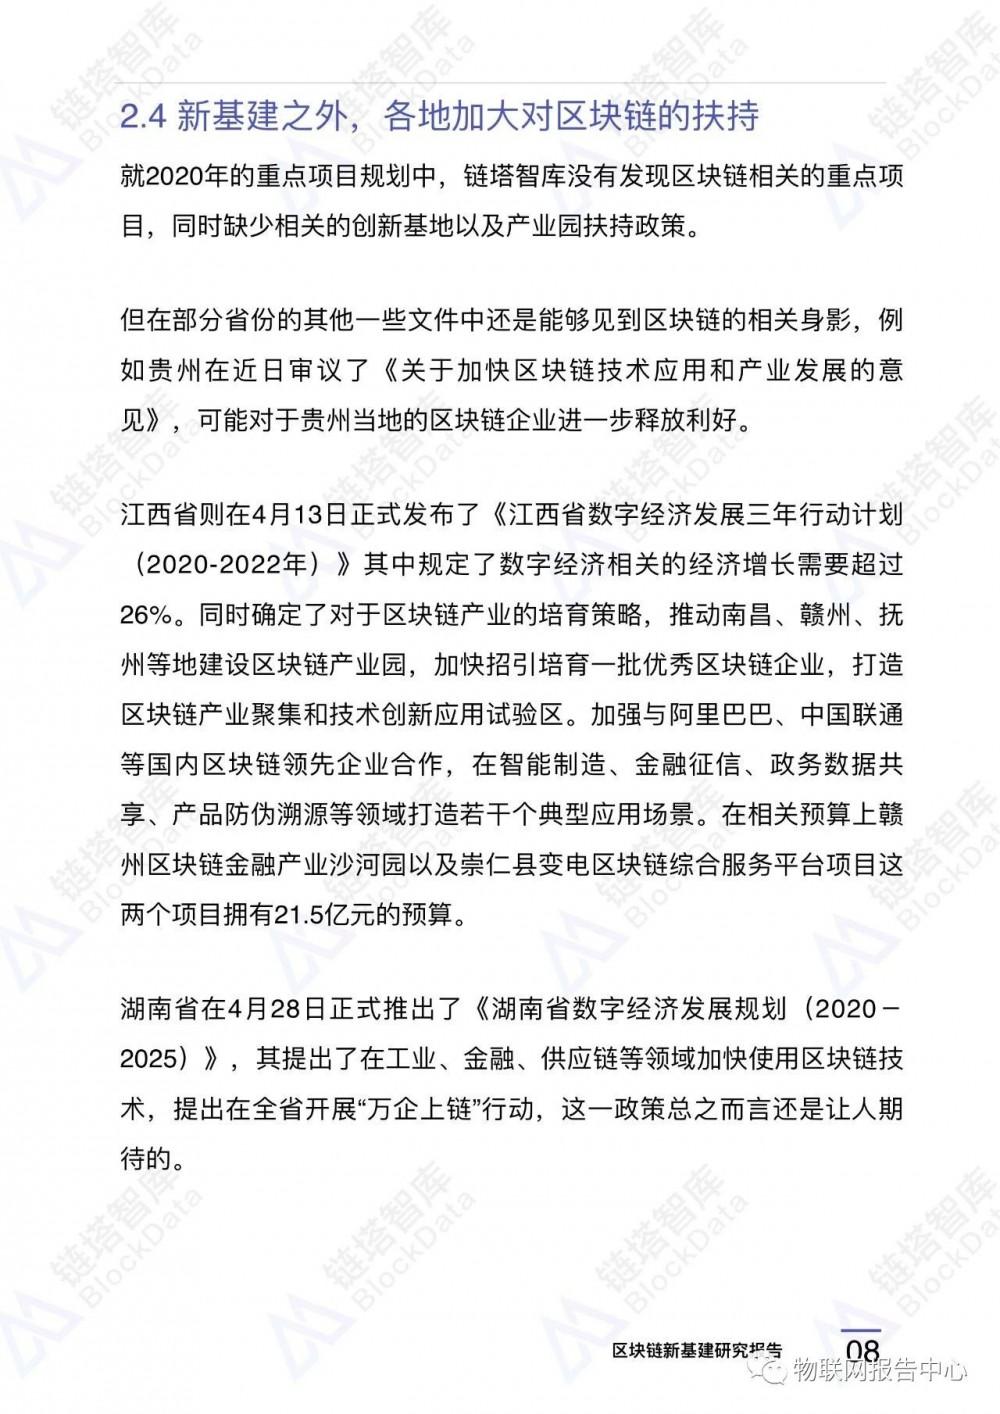 区块链应用之九:中国新基建区块链重点项目配图(11)